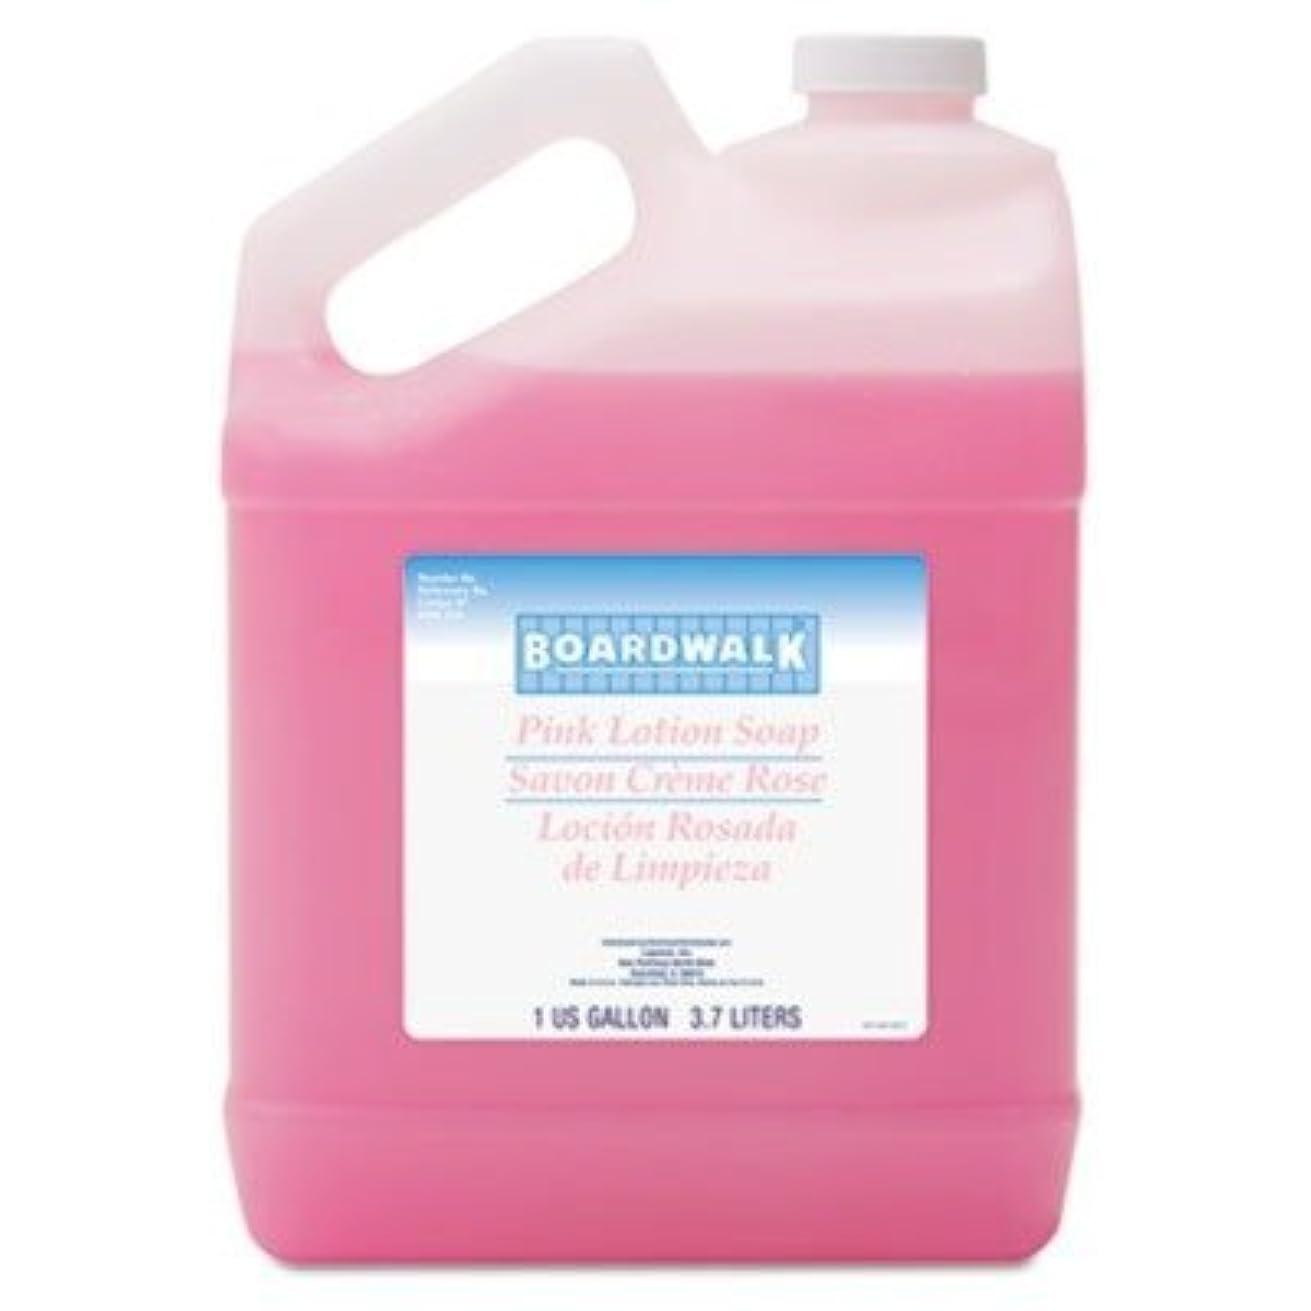 自然公園ランドリー里親bwk410 – Mild Cleansing Lotion Soap、LTピンク花柄香り、液体、1ガロンボトル